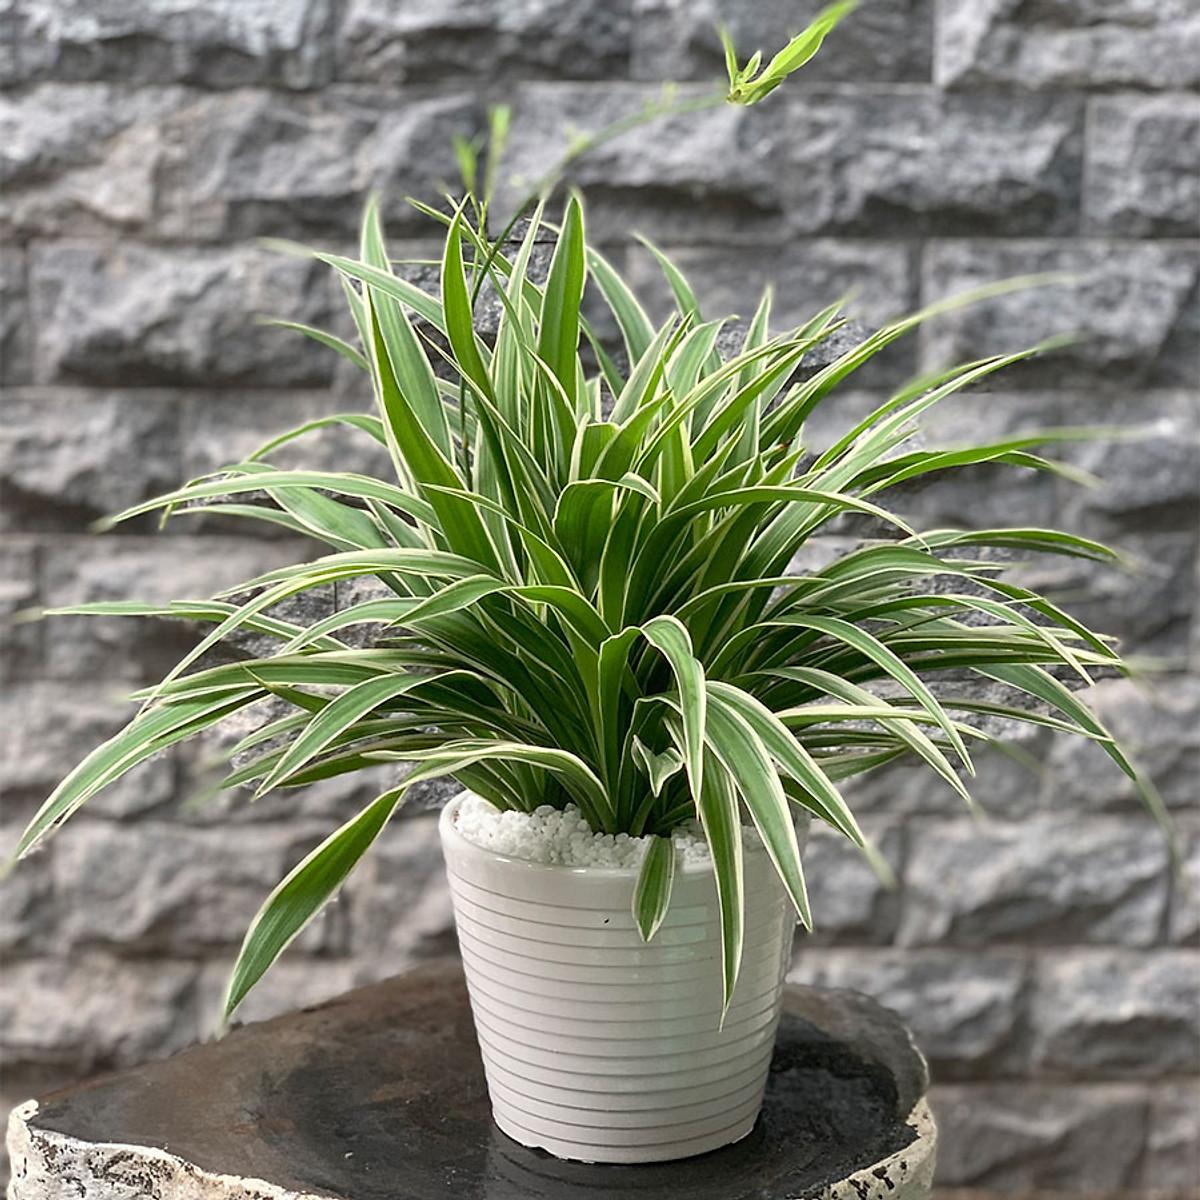 Những loại cây cảnh trồng trong nhà vừa sang trọng vừa dễ trồng lại còn thu hút tài lộc - Ảnh 3.